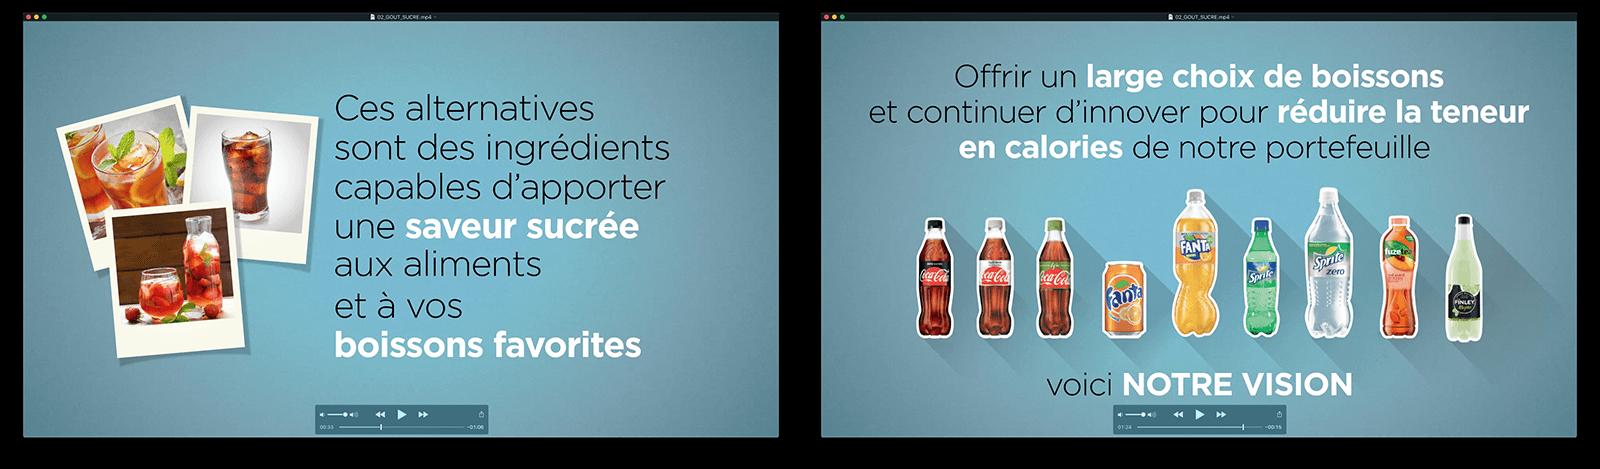 coca img3 - Coca-Cola France